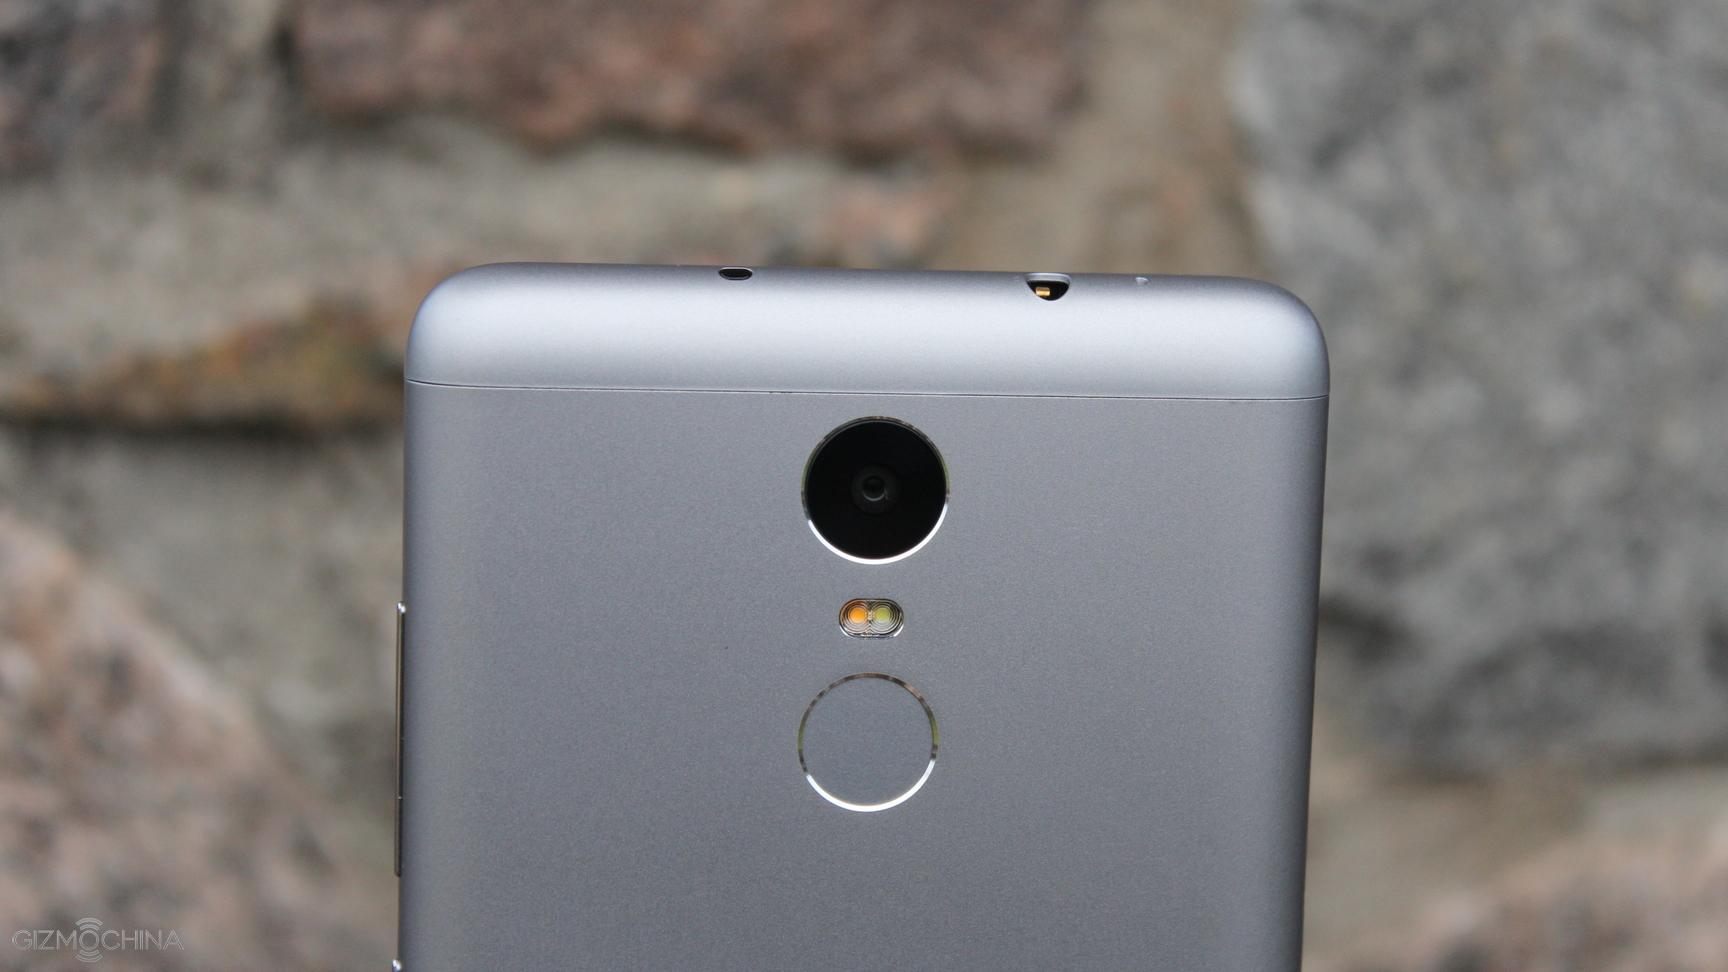 گوشی جدید شیائومی با بدنه فلزی و دوربین دوگانه در راه است